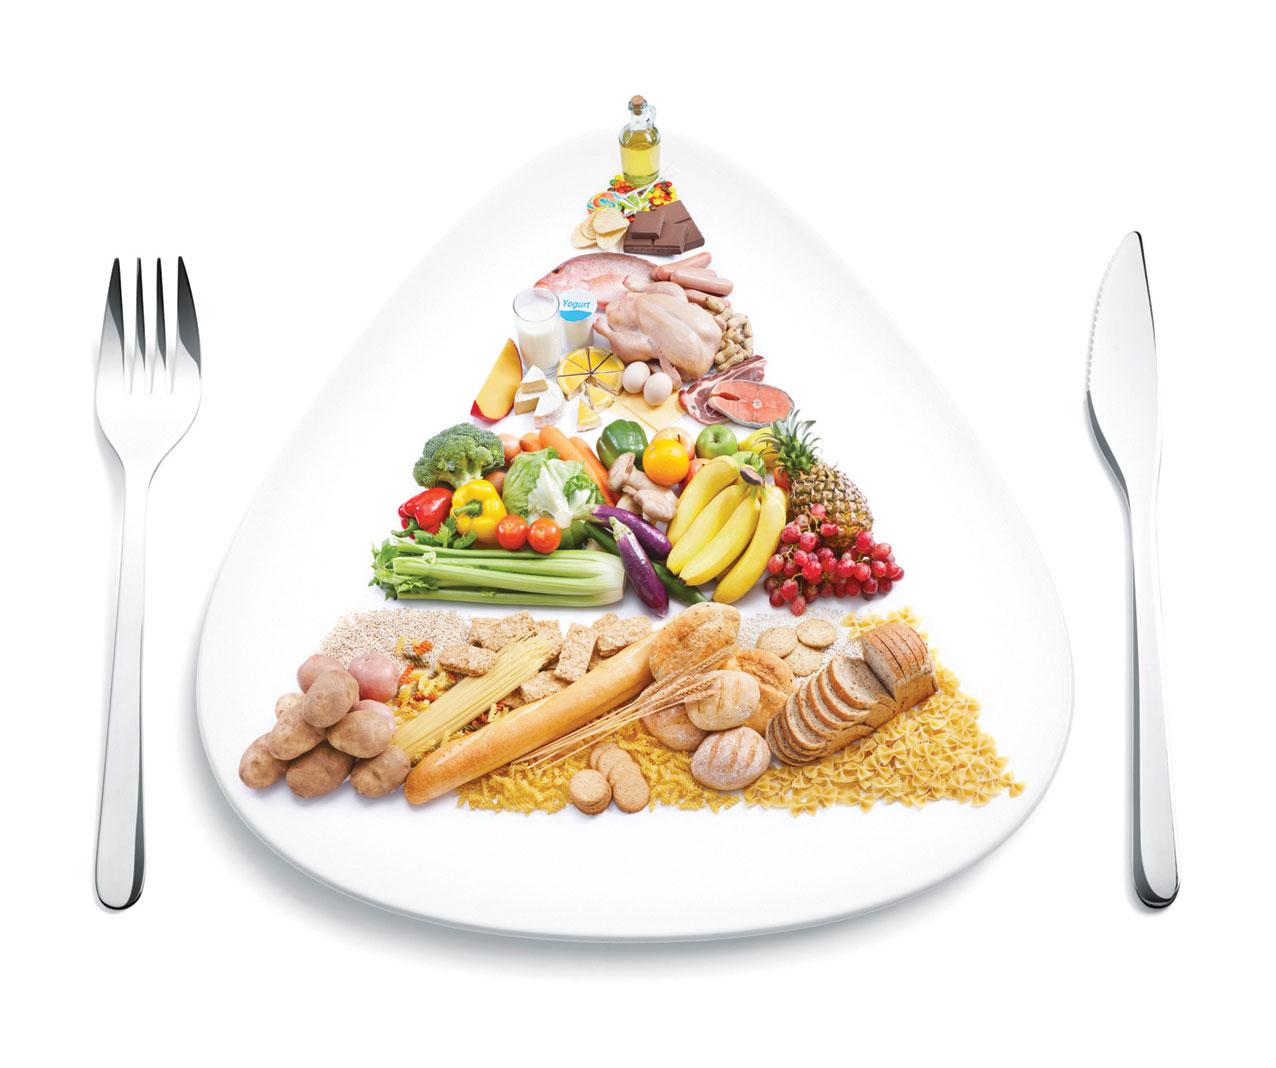 ضرورة اتباع نظام غذائي صحي - بلسم - الغذاء قبل الدواء - البيان